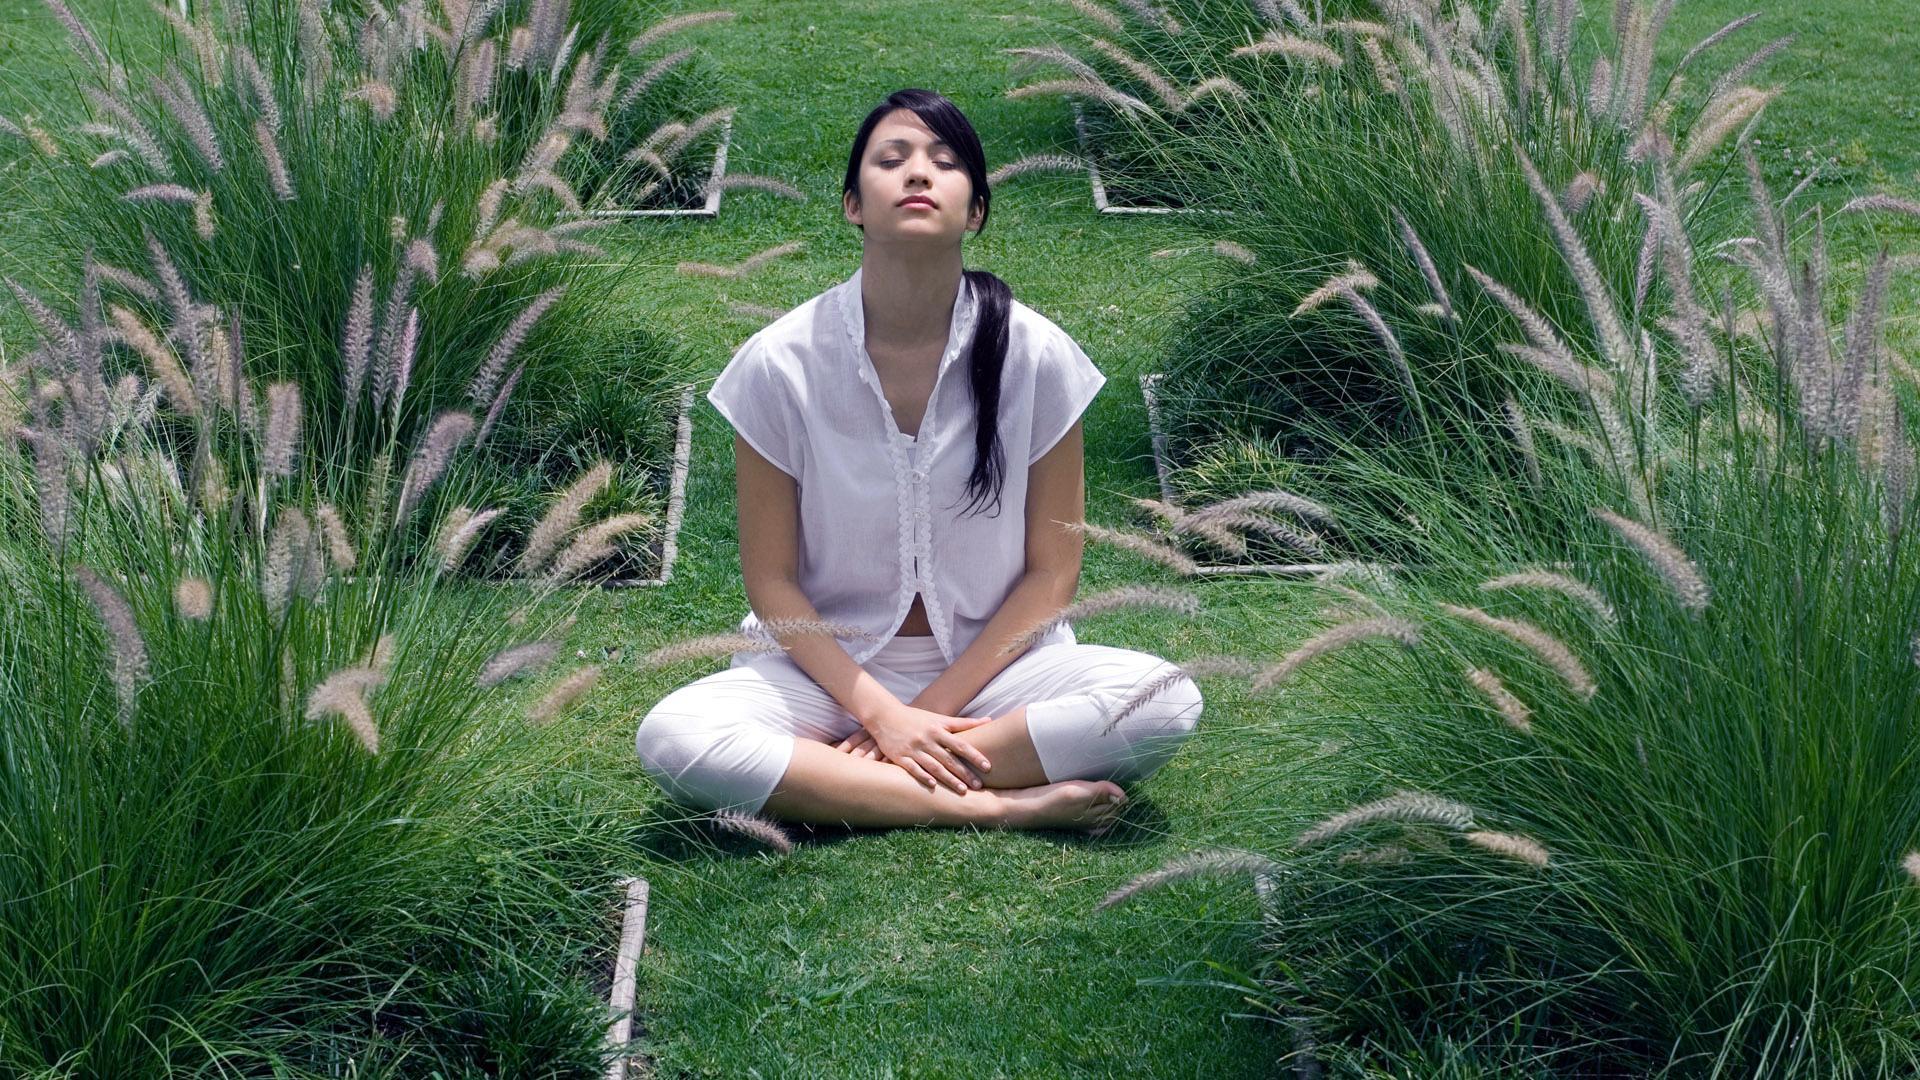 Как улучшить мозг. Выпуск 12. Медитация: может ли отчуждённость объединяться с эмпатией?